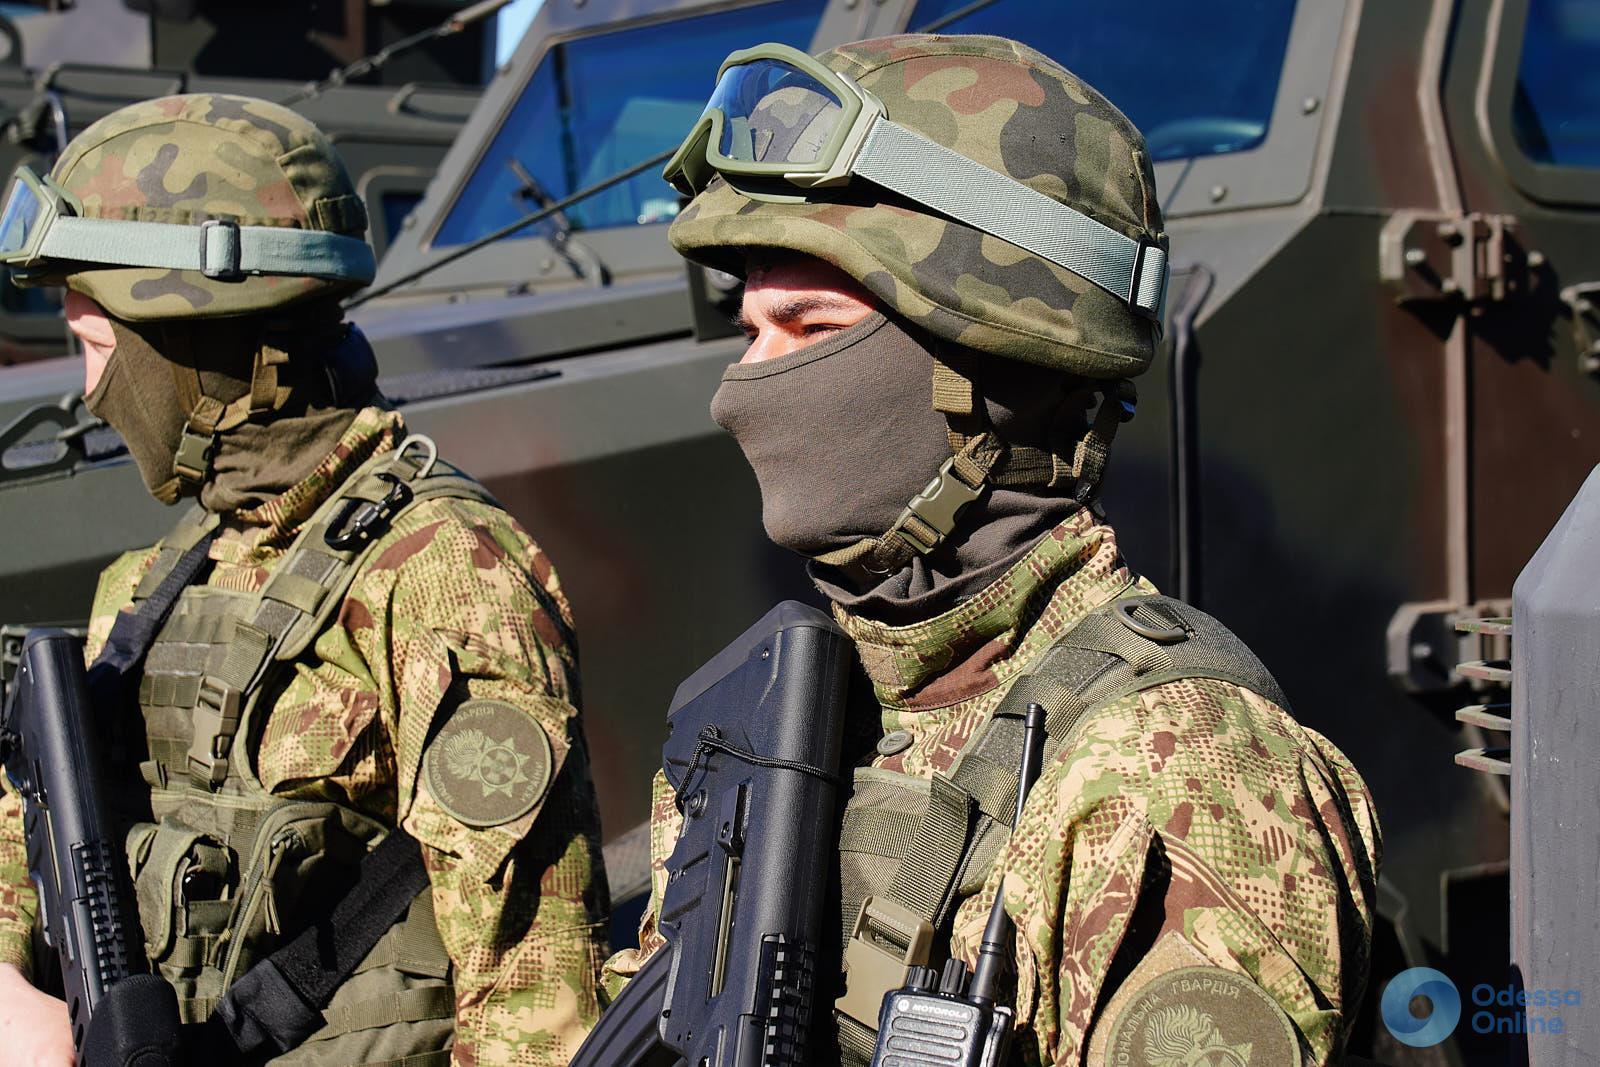 В преддверии мая: в Одессе прошел строевой смотр личного состава и техники правоохранителей гарнизона (фото)